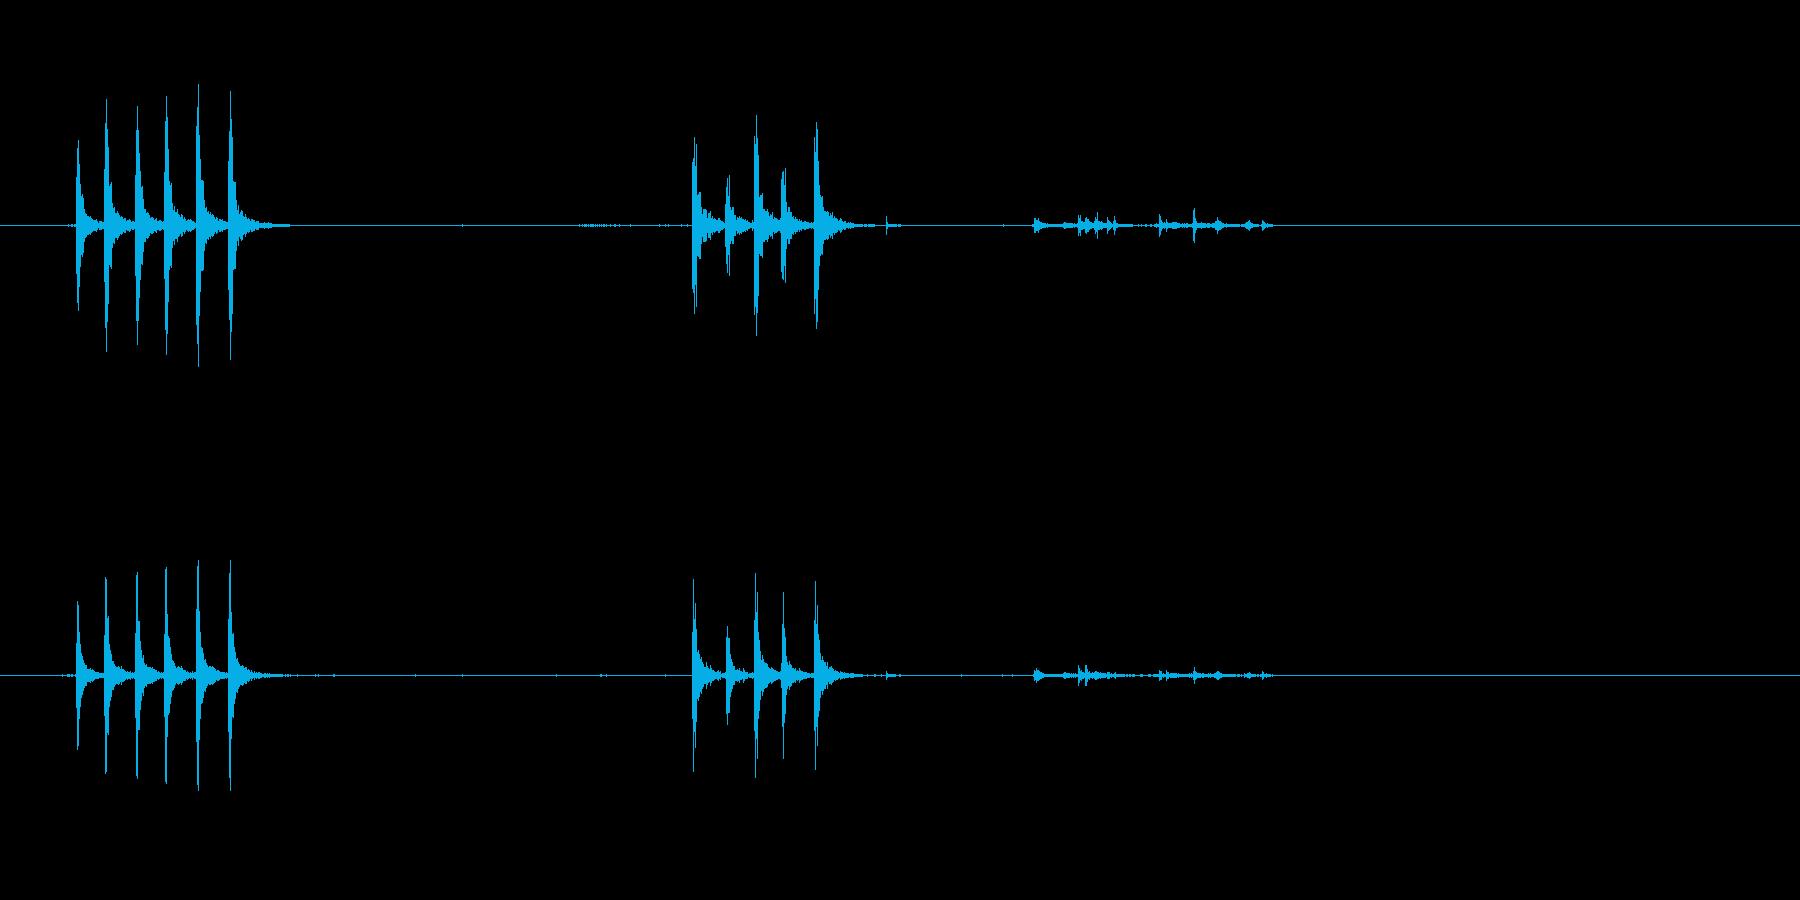 ドアノッキング-ドアノック-ドアD...の再生済みの波形